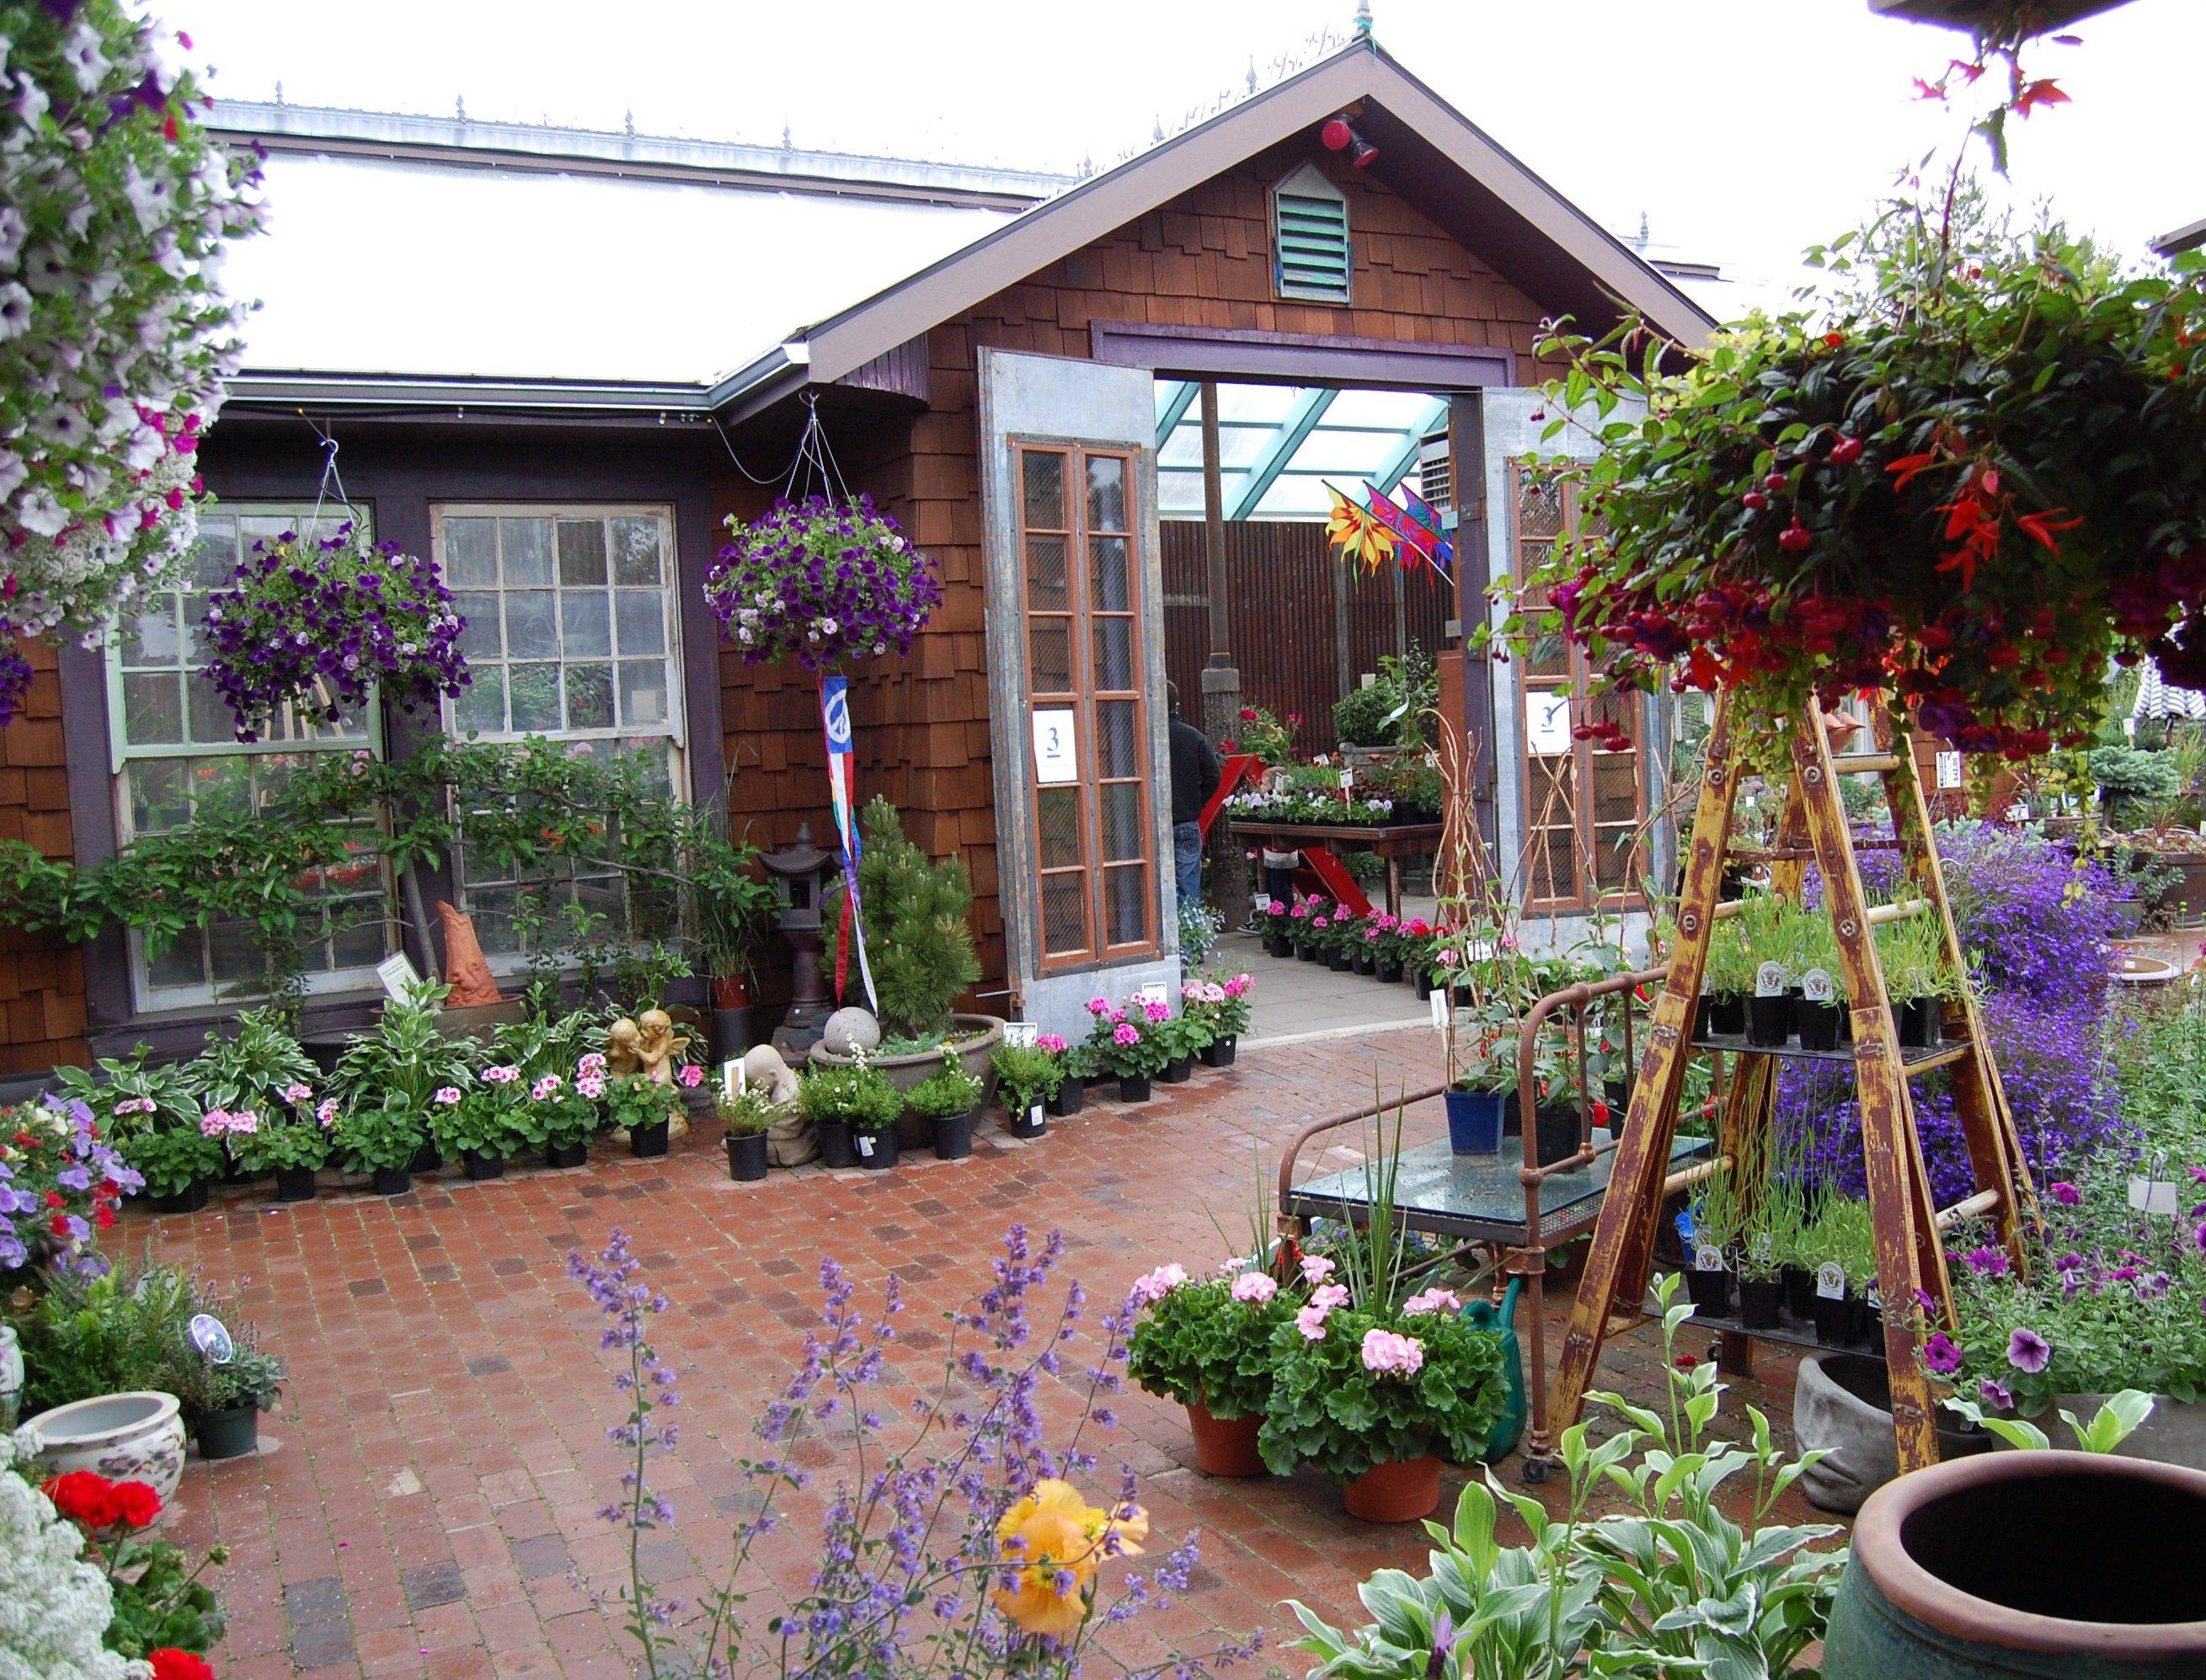 Living In The Garden Pullman Wa Garden Shop Garden Outdoor